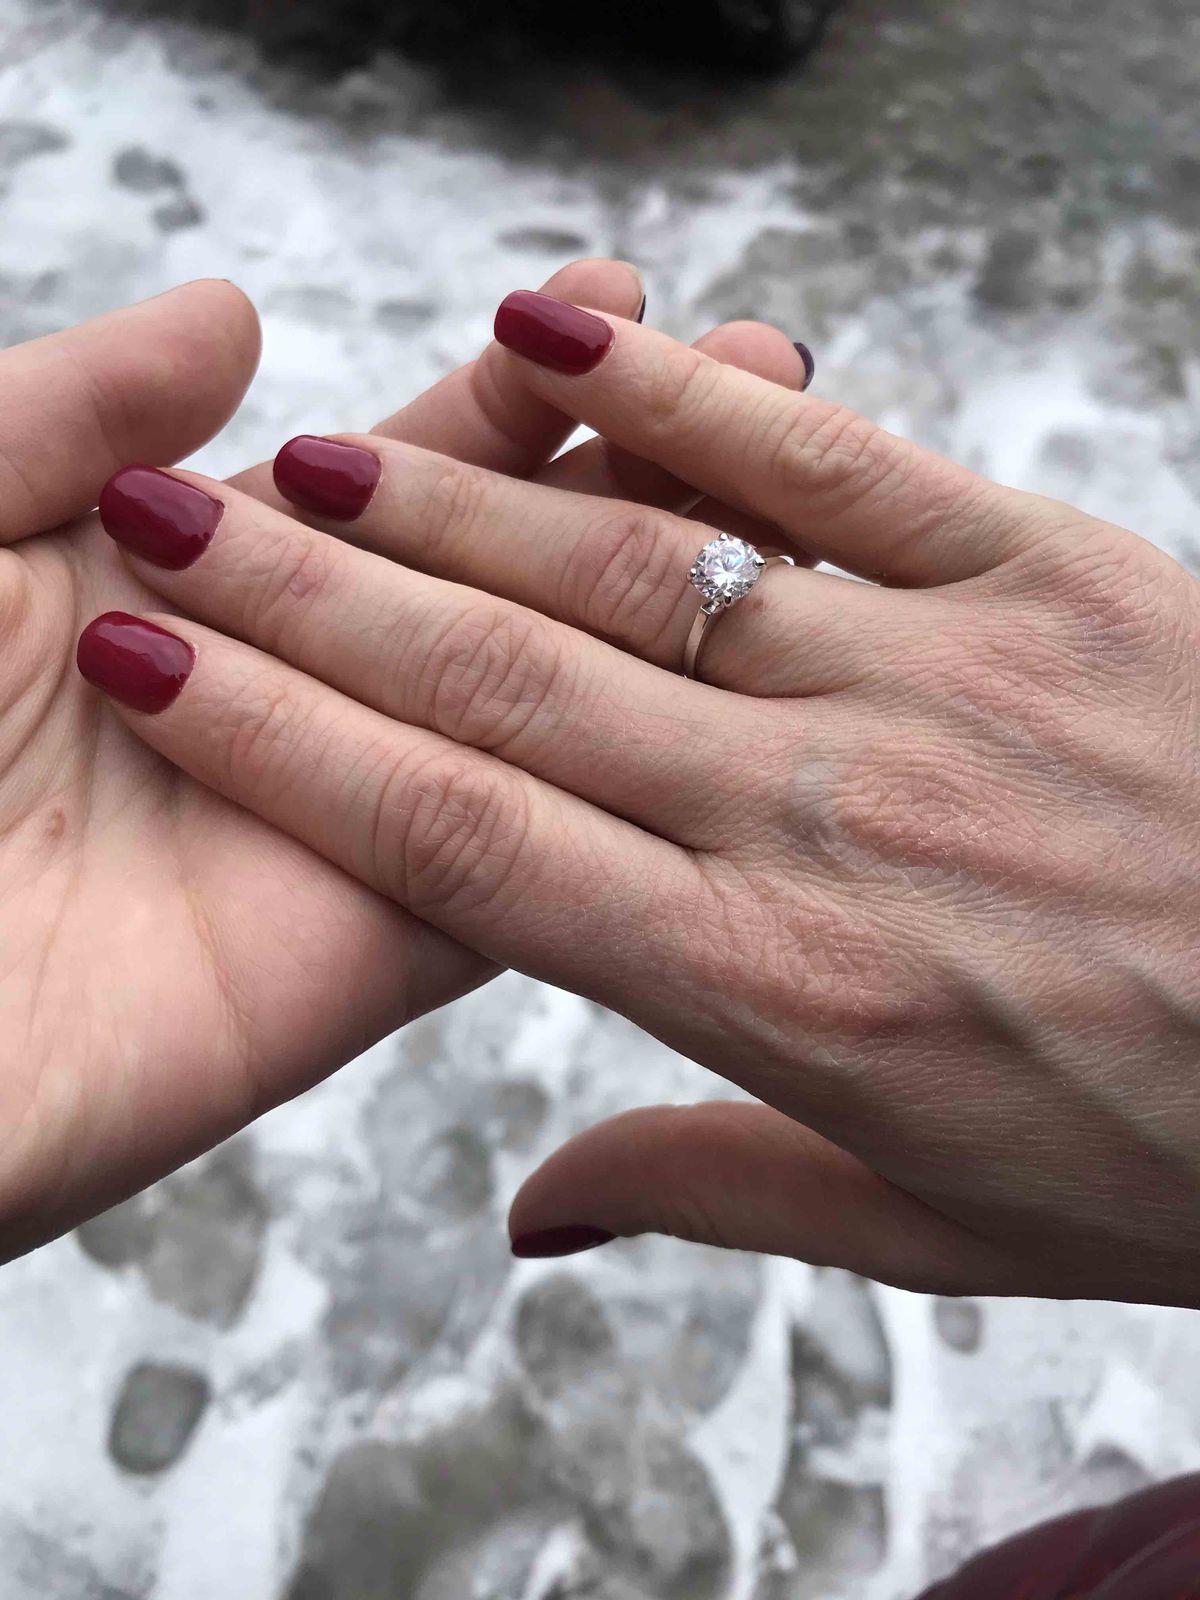 Шикарное кольцо, покупала размер 15,5, село идеально, очень ярко блестит